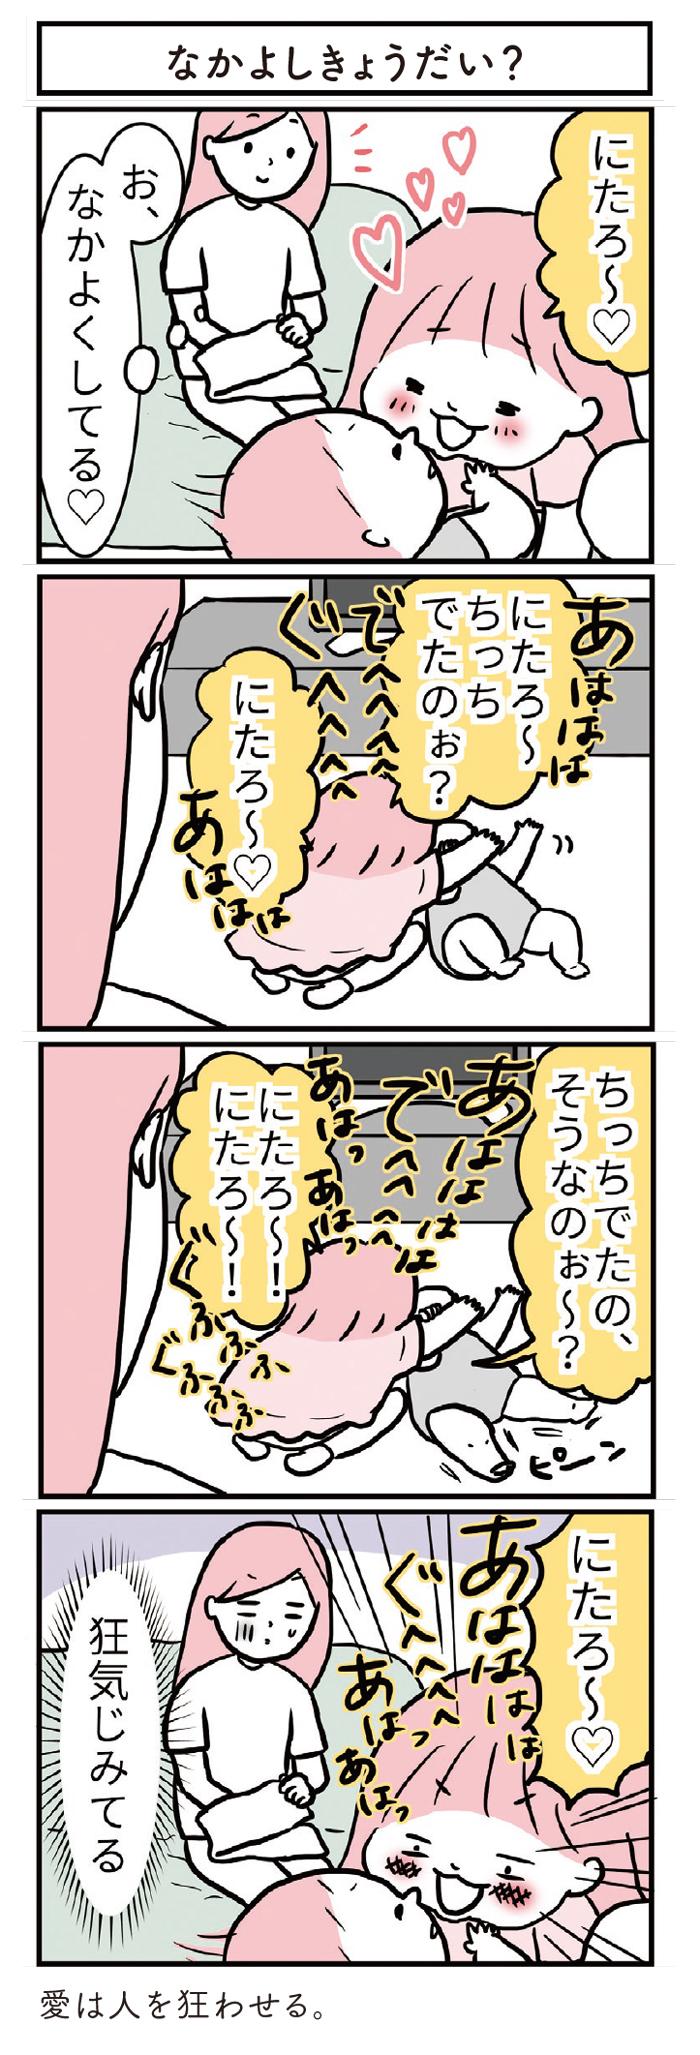 このポーズ、なんの真似でしょう♡正解にエッッ…?でもジワジワくる〜!の画像1